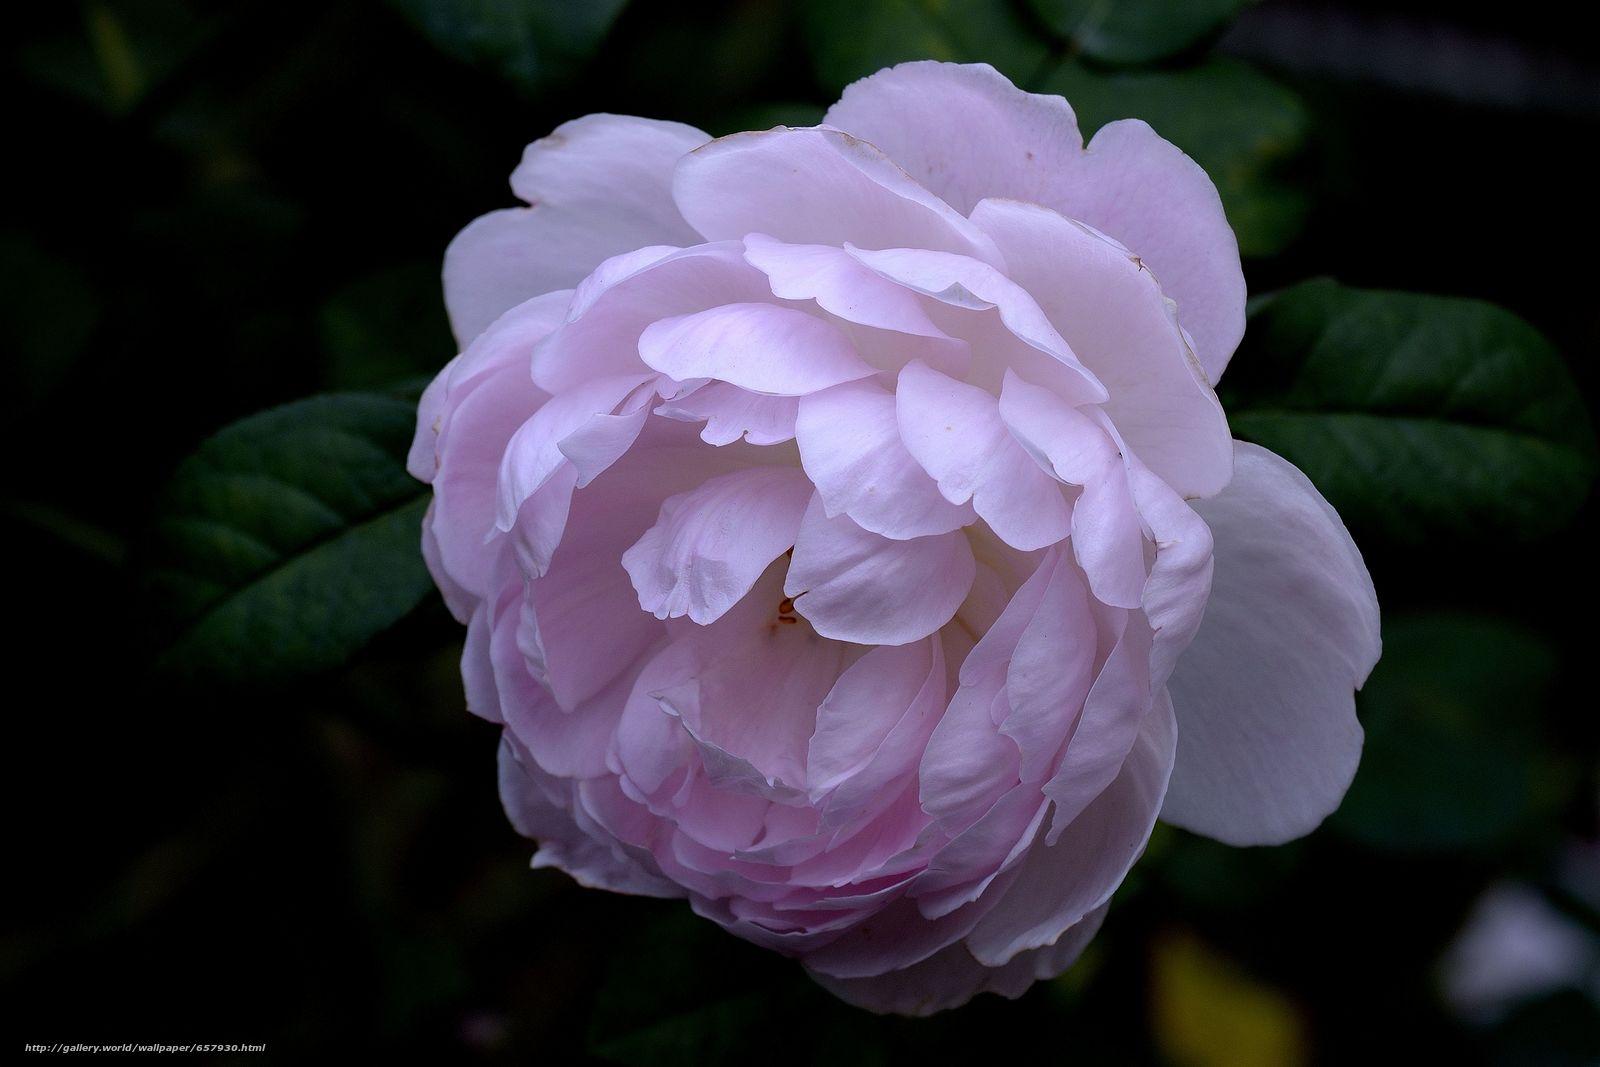 Tlcharger Fond d'ecran rose,  Roses,  fleur,  Fleurs Fonds d'ecran gratuits pour votre rsolution du bureau 4583x3055 — image №657930